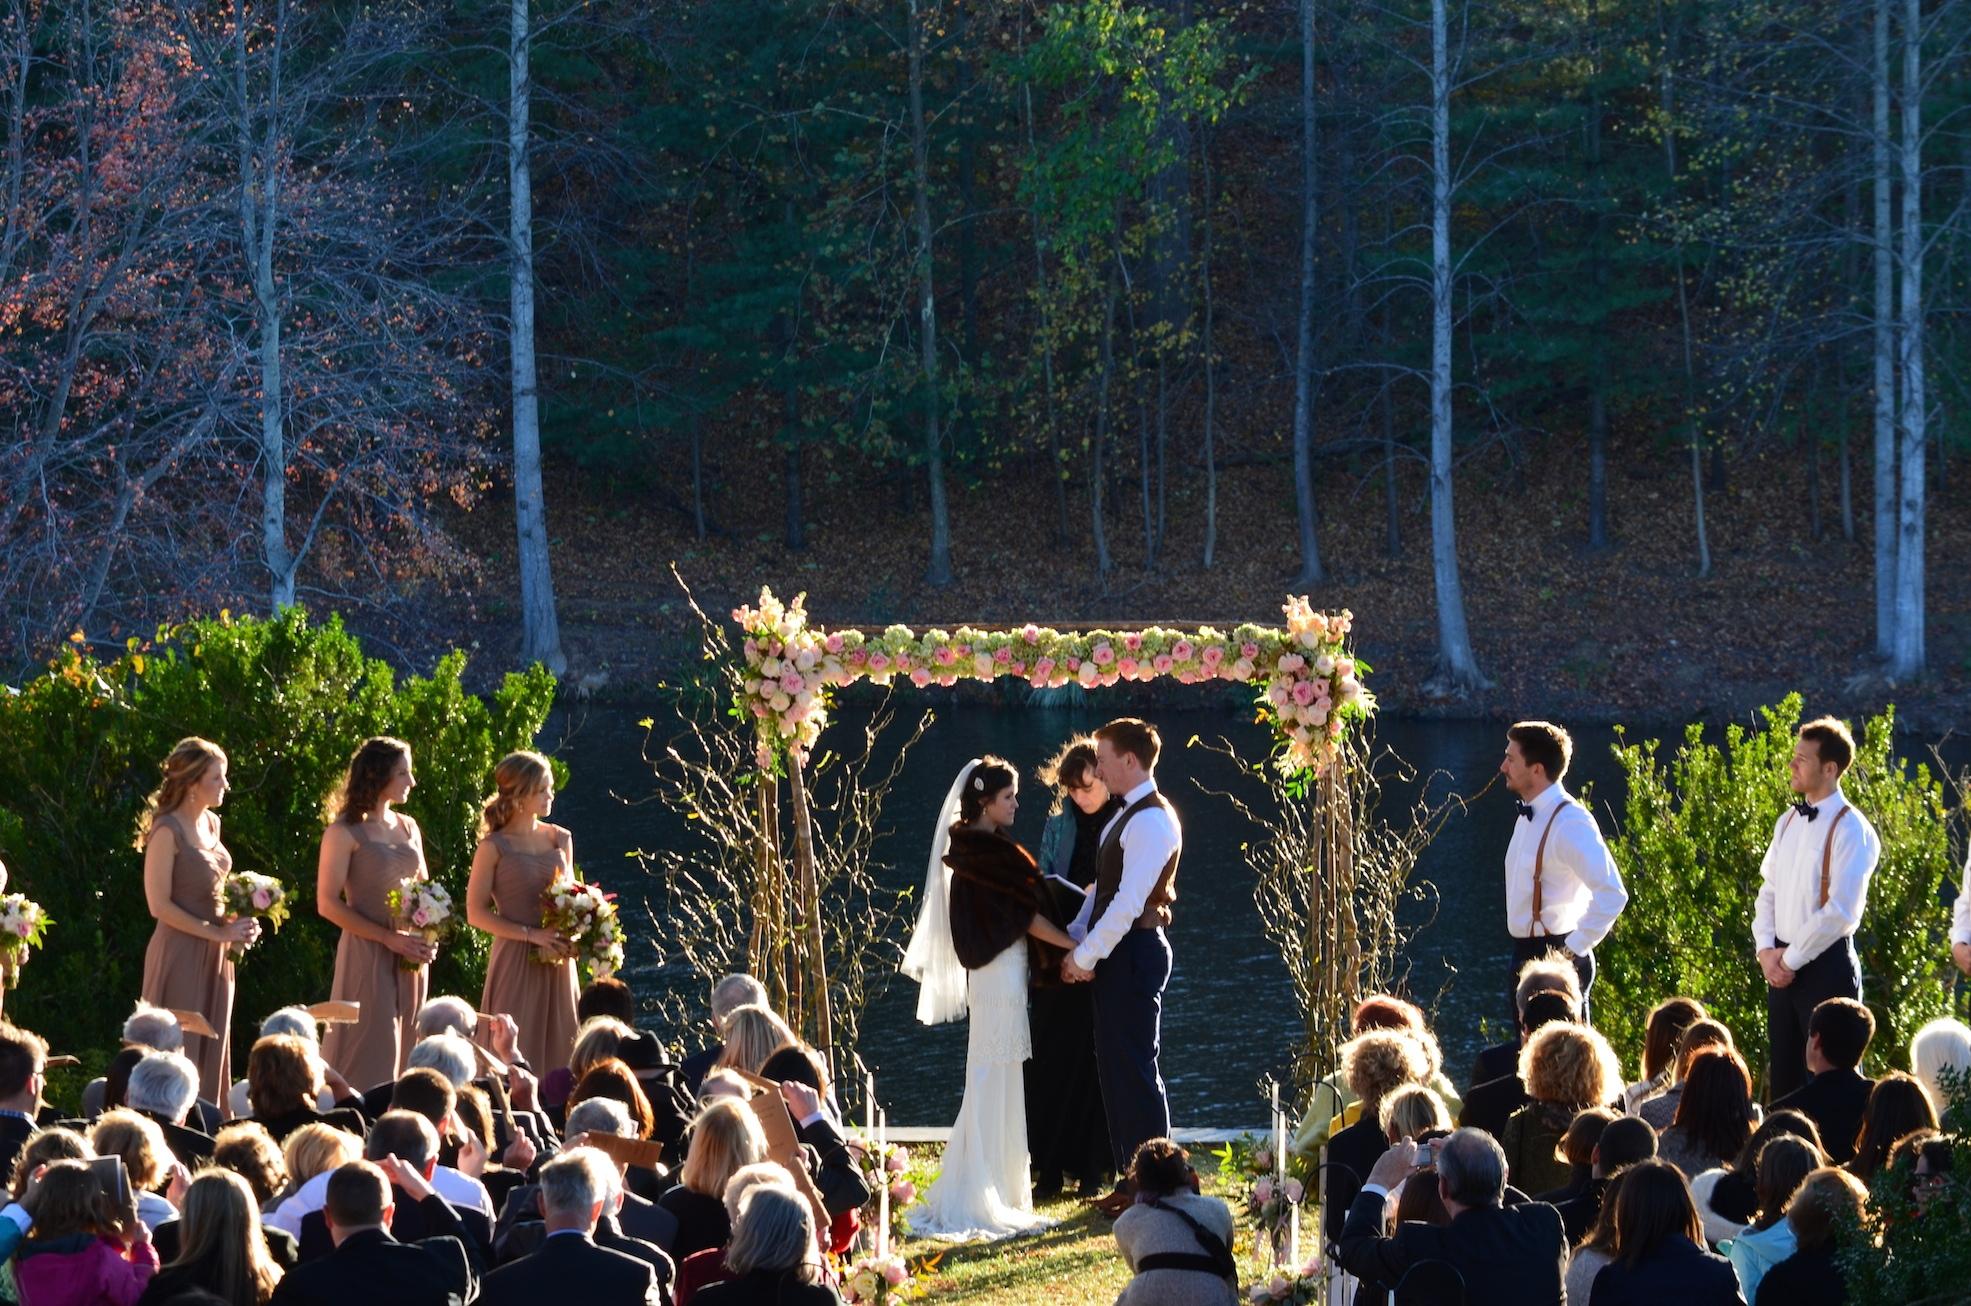 XX Croquet Lawn Verulam Charlottesville Wedding